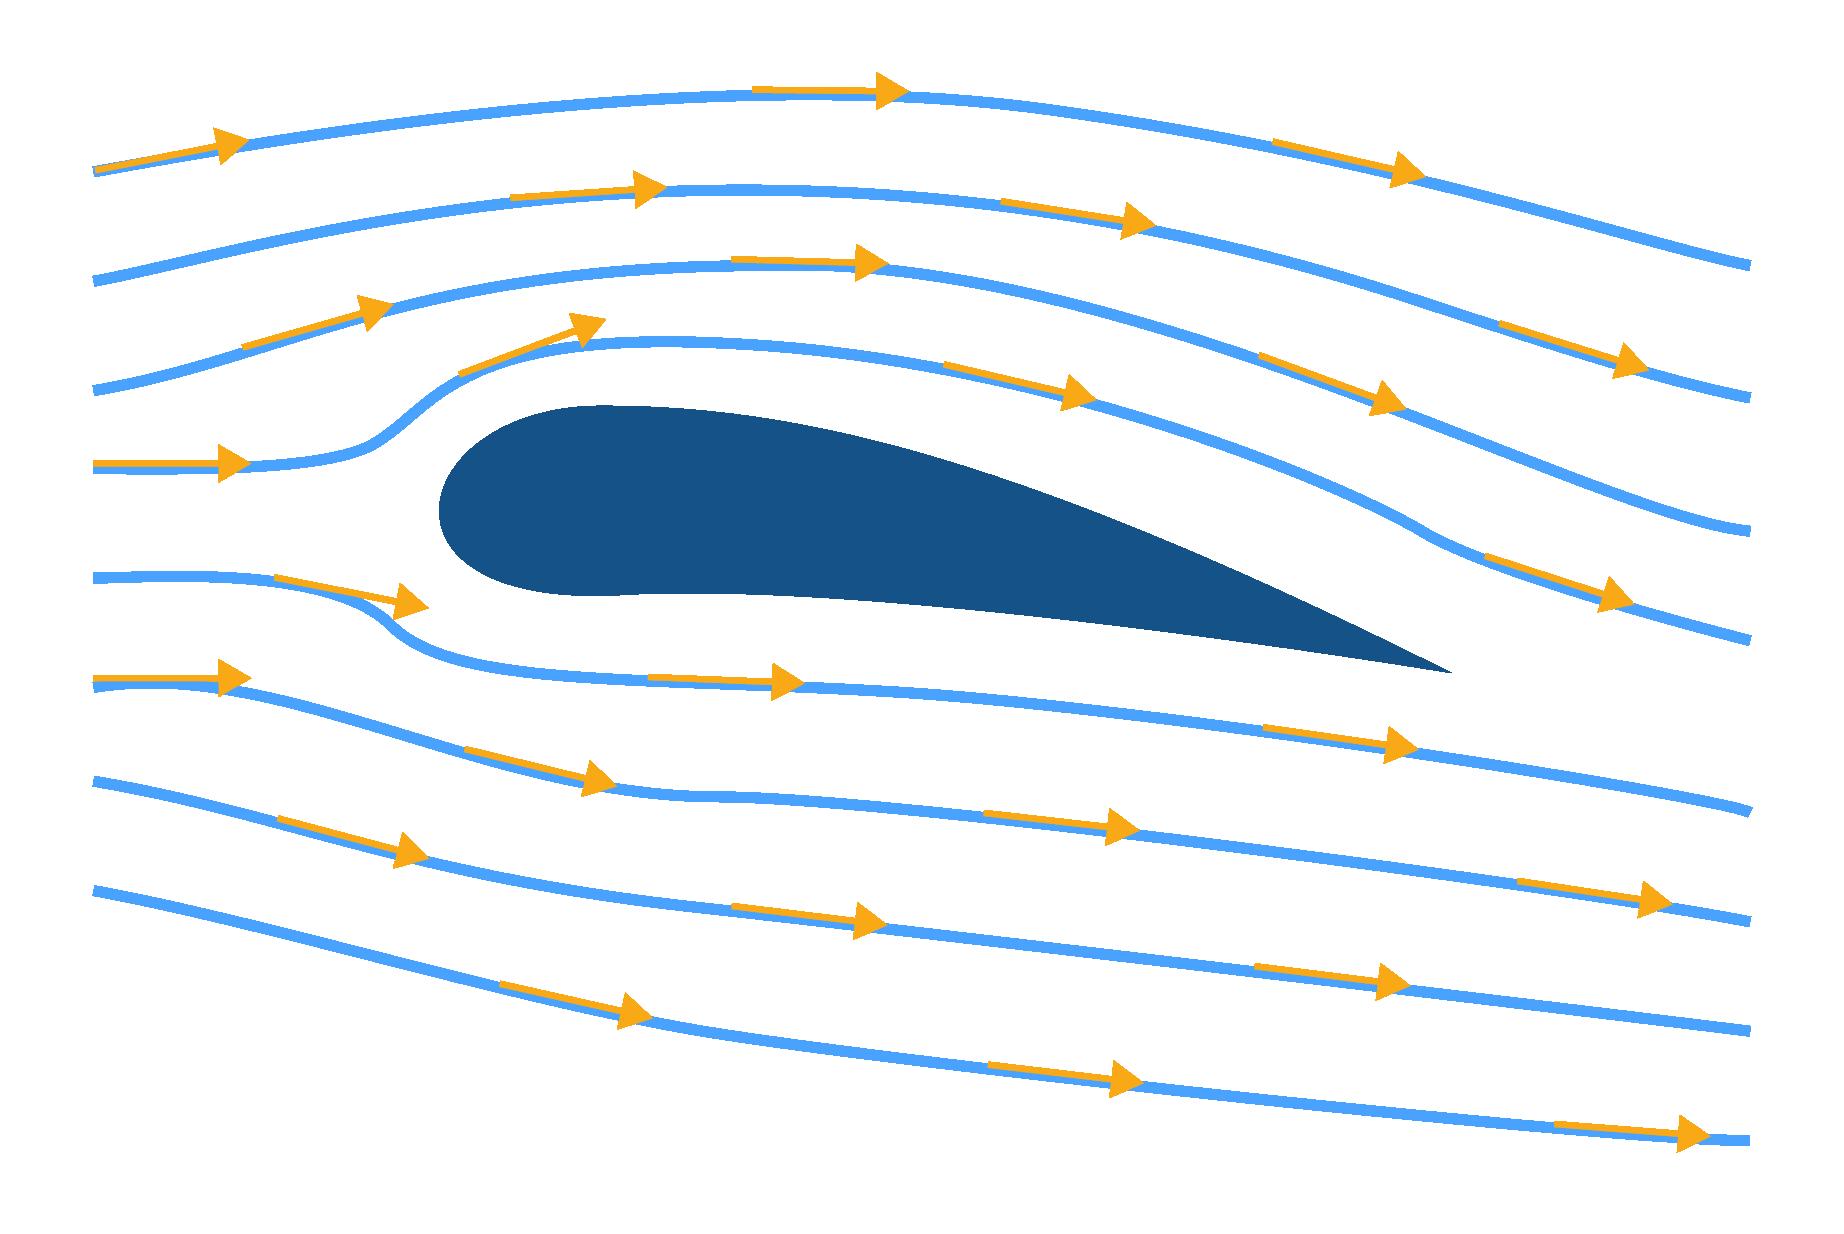 Lignes de champs vectoriels